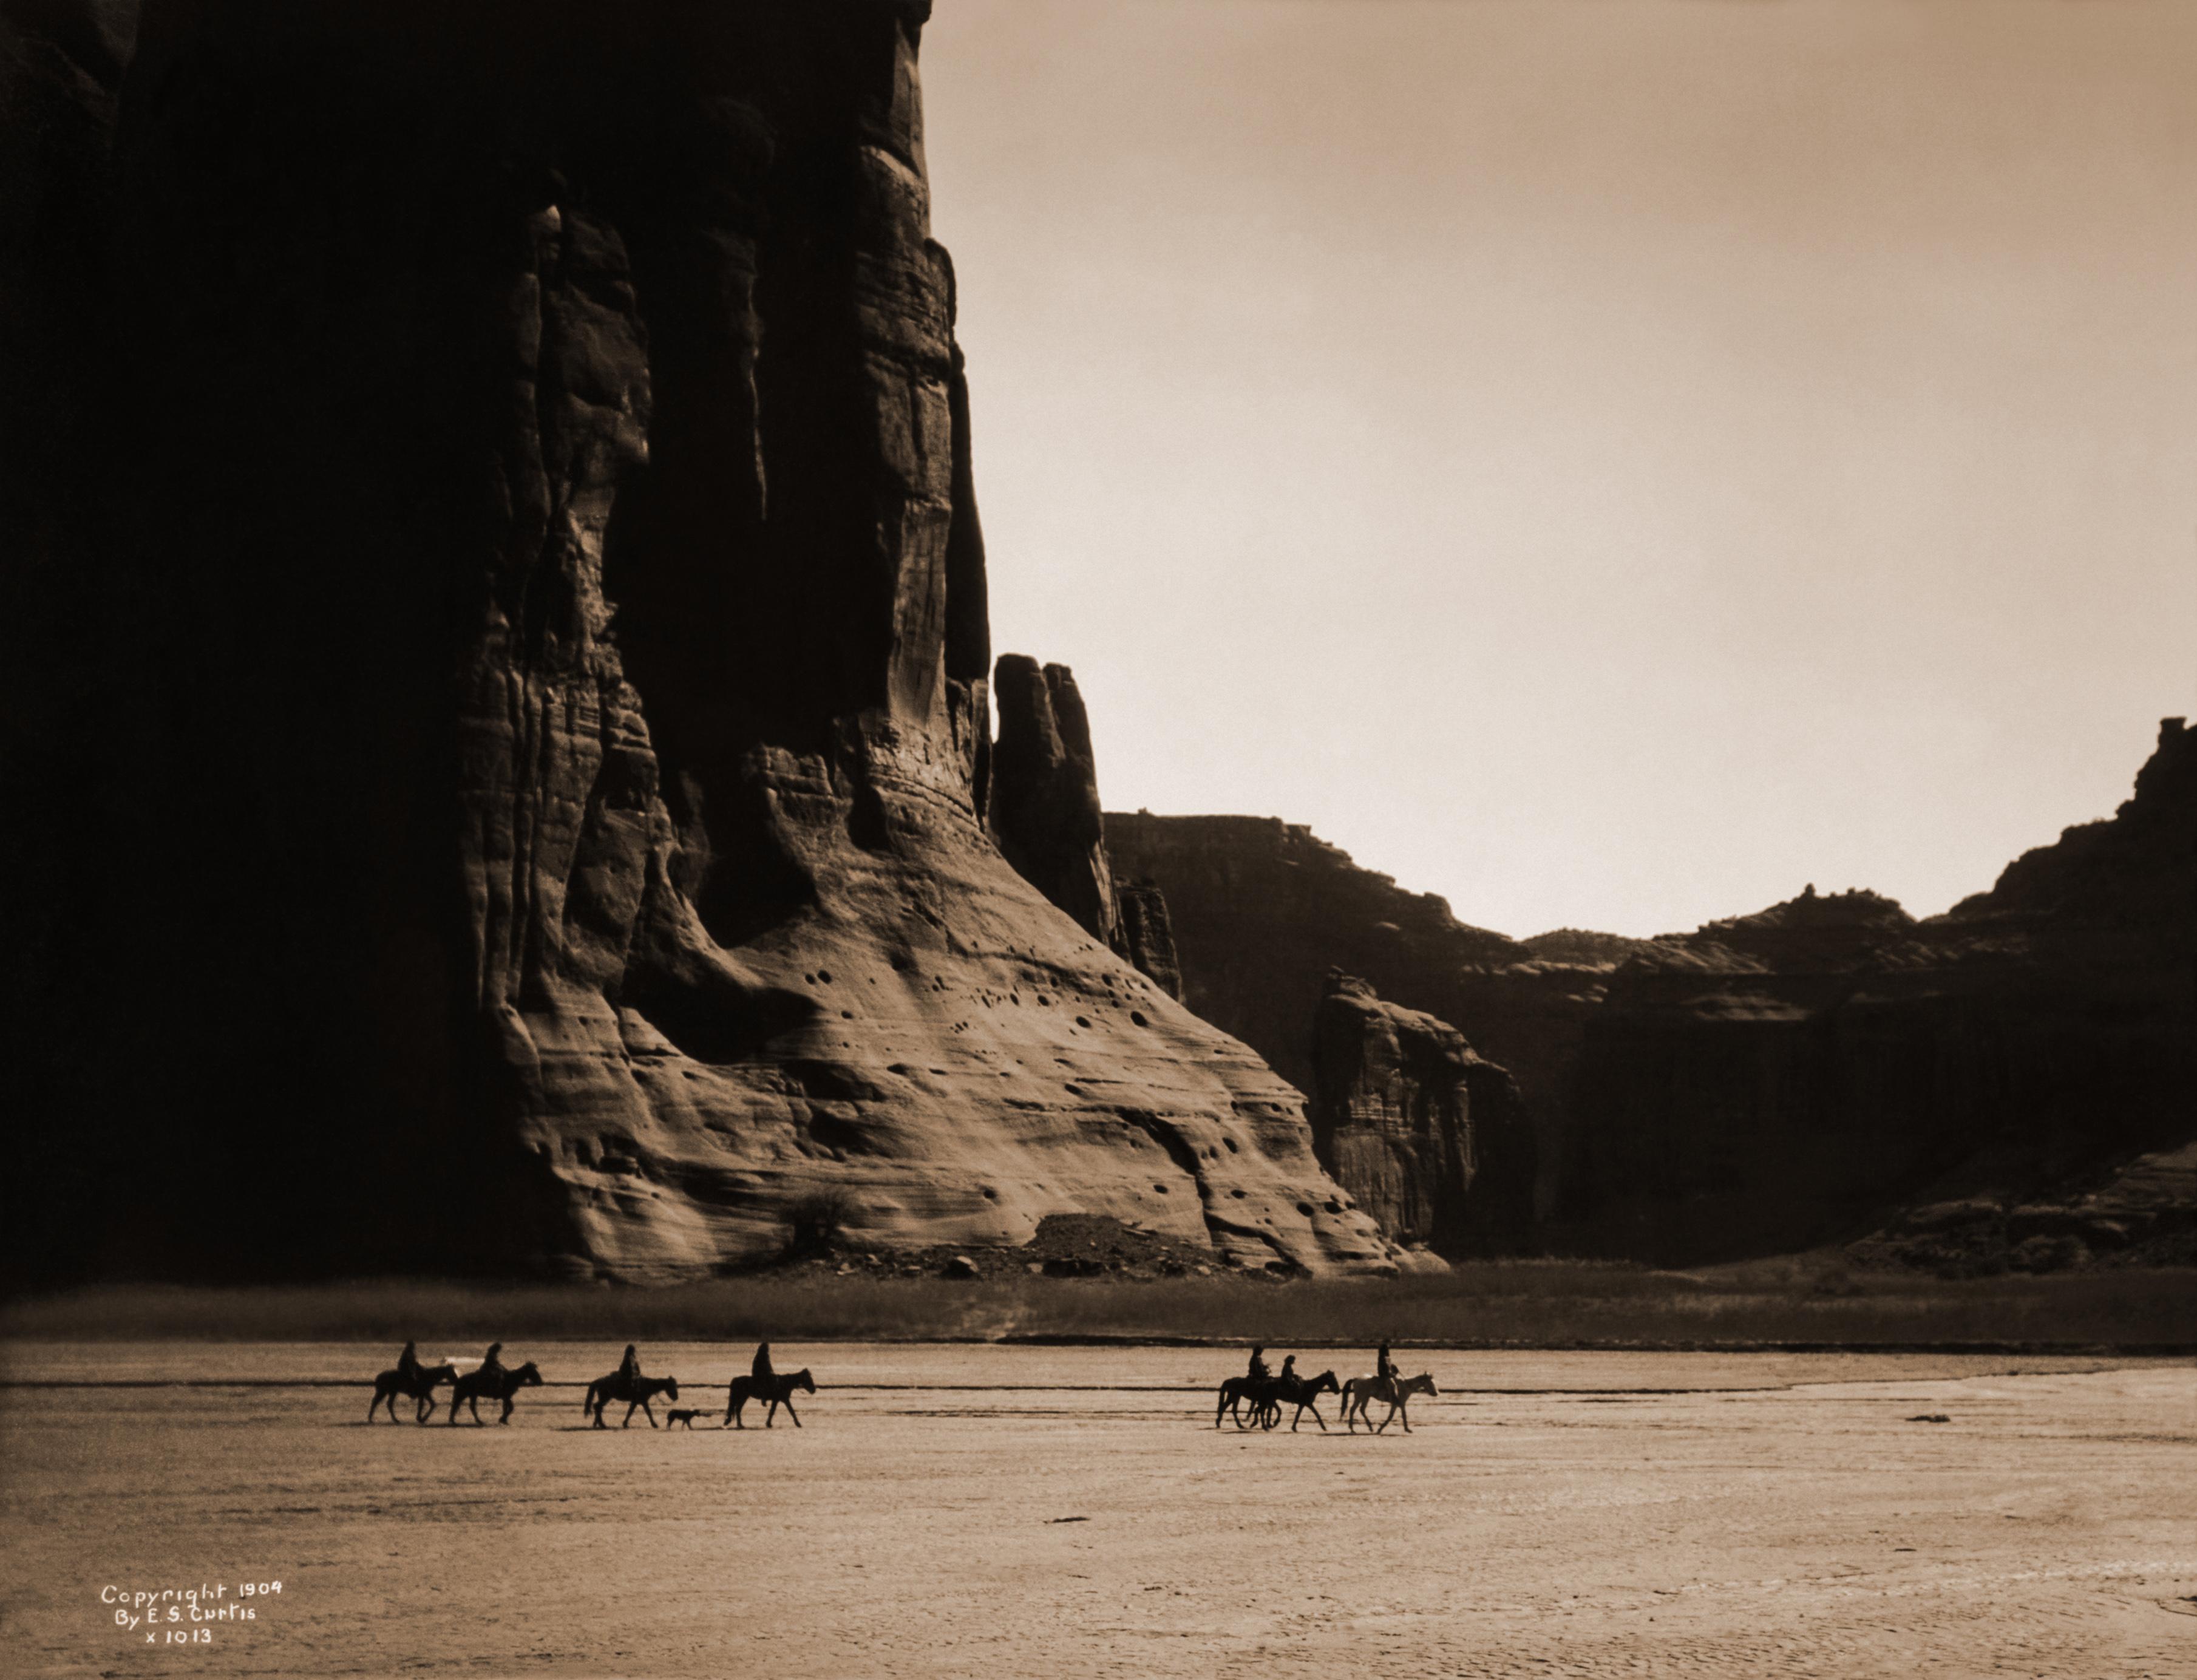 史前阿纳萨奇人悬崖窑洞的马背之旅